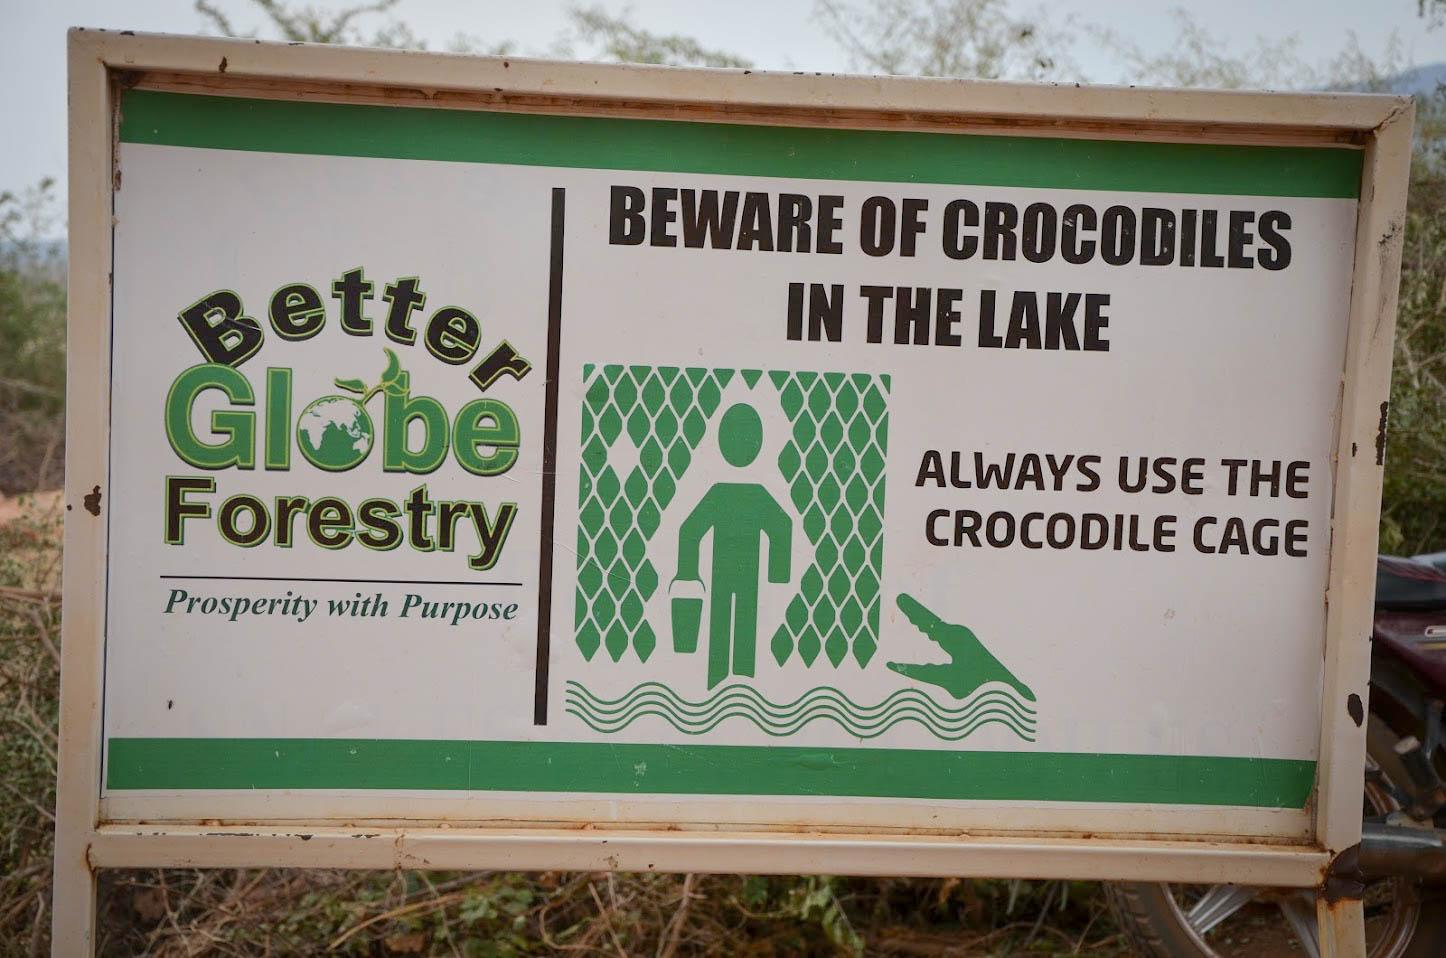 Enligt uppgift dog ungefär fyra människor om året till följd av krokodilattacker tidigare. Sedan Better Globe började låna ut sina krokodilburar för vattenhämtning har dessa dödsfall minskat till ett om året.